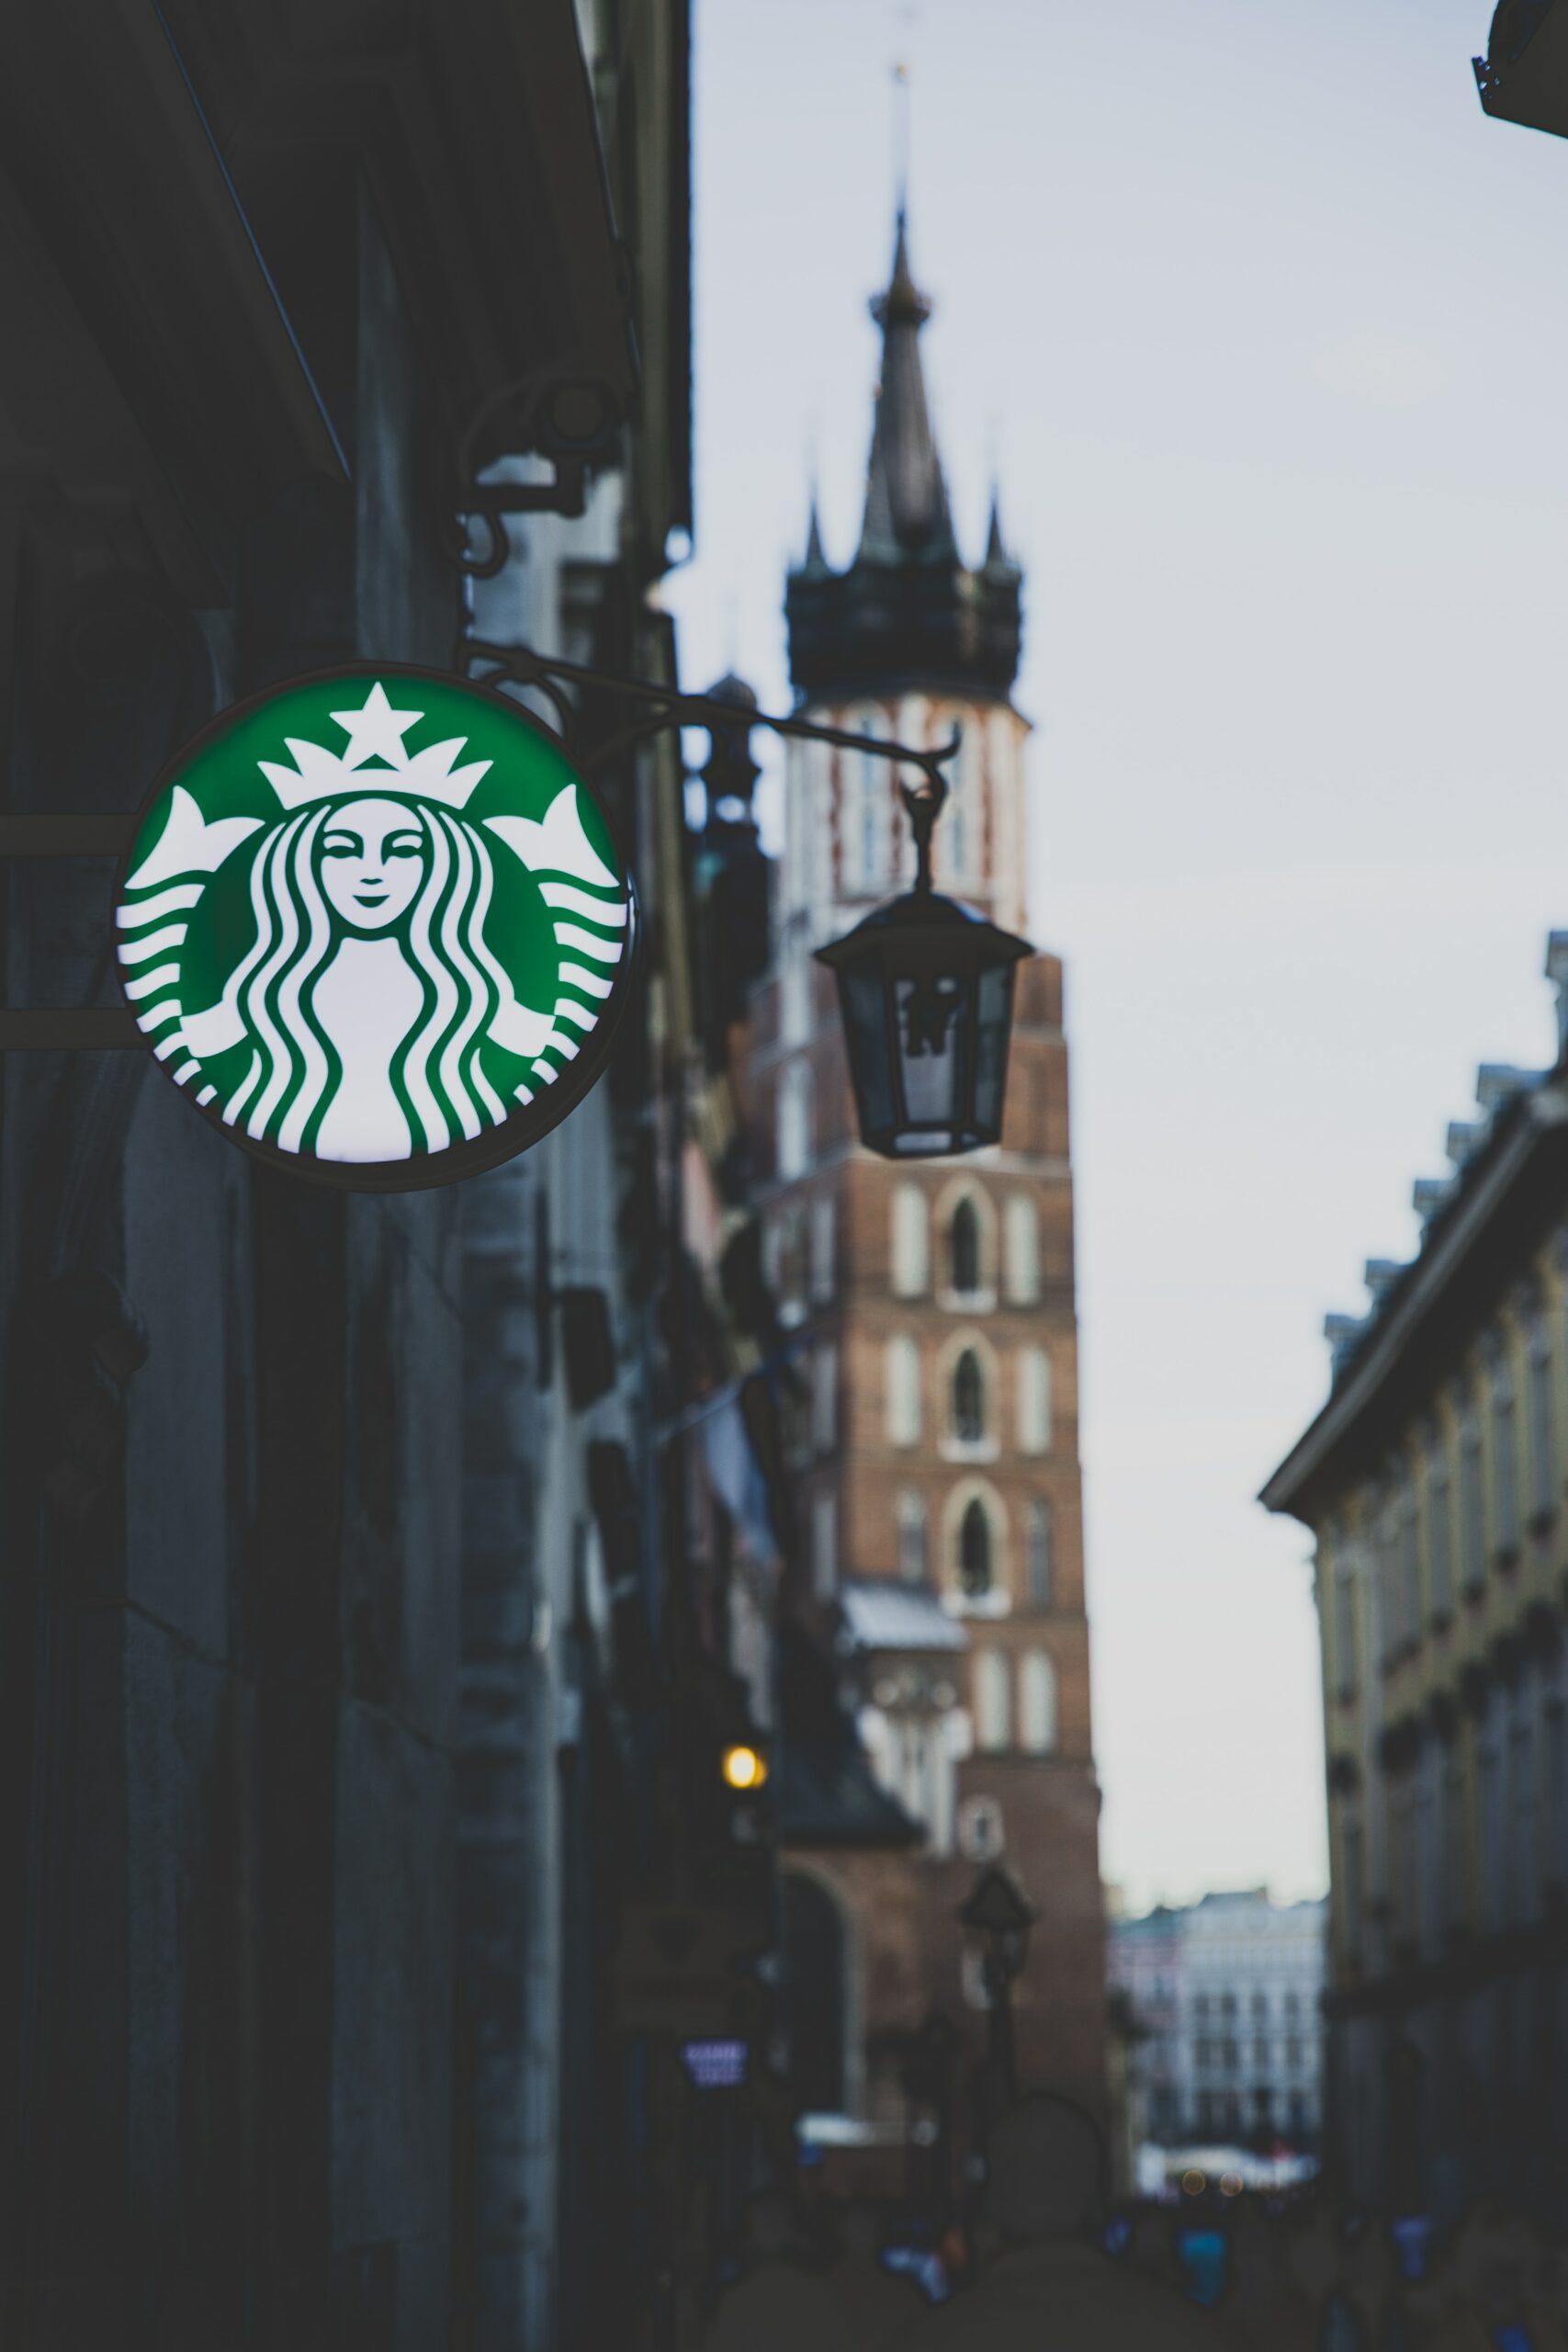 Weg met het ketentoerisme - byebye Starbucks